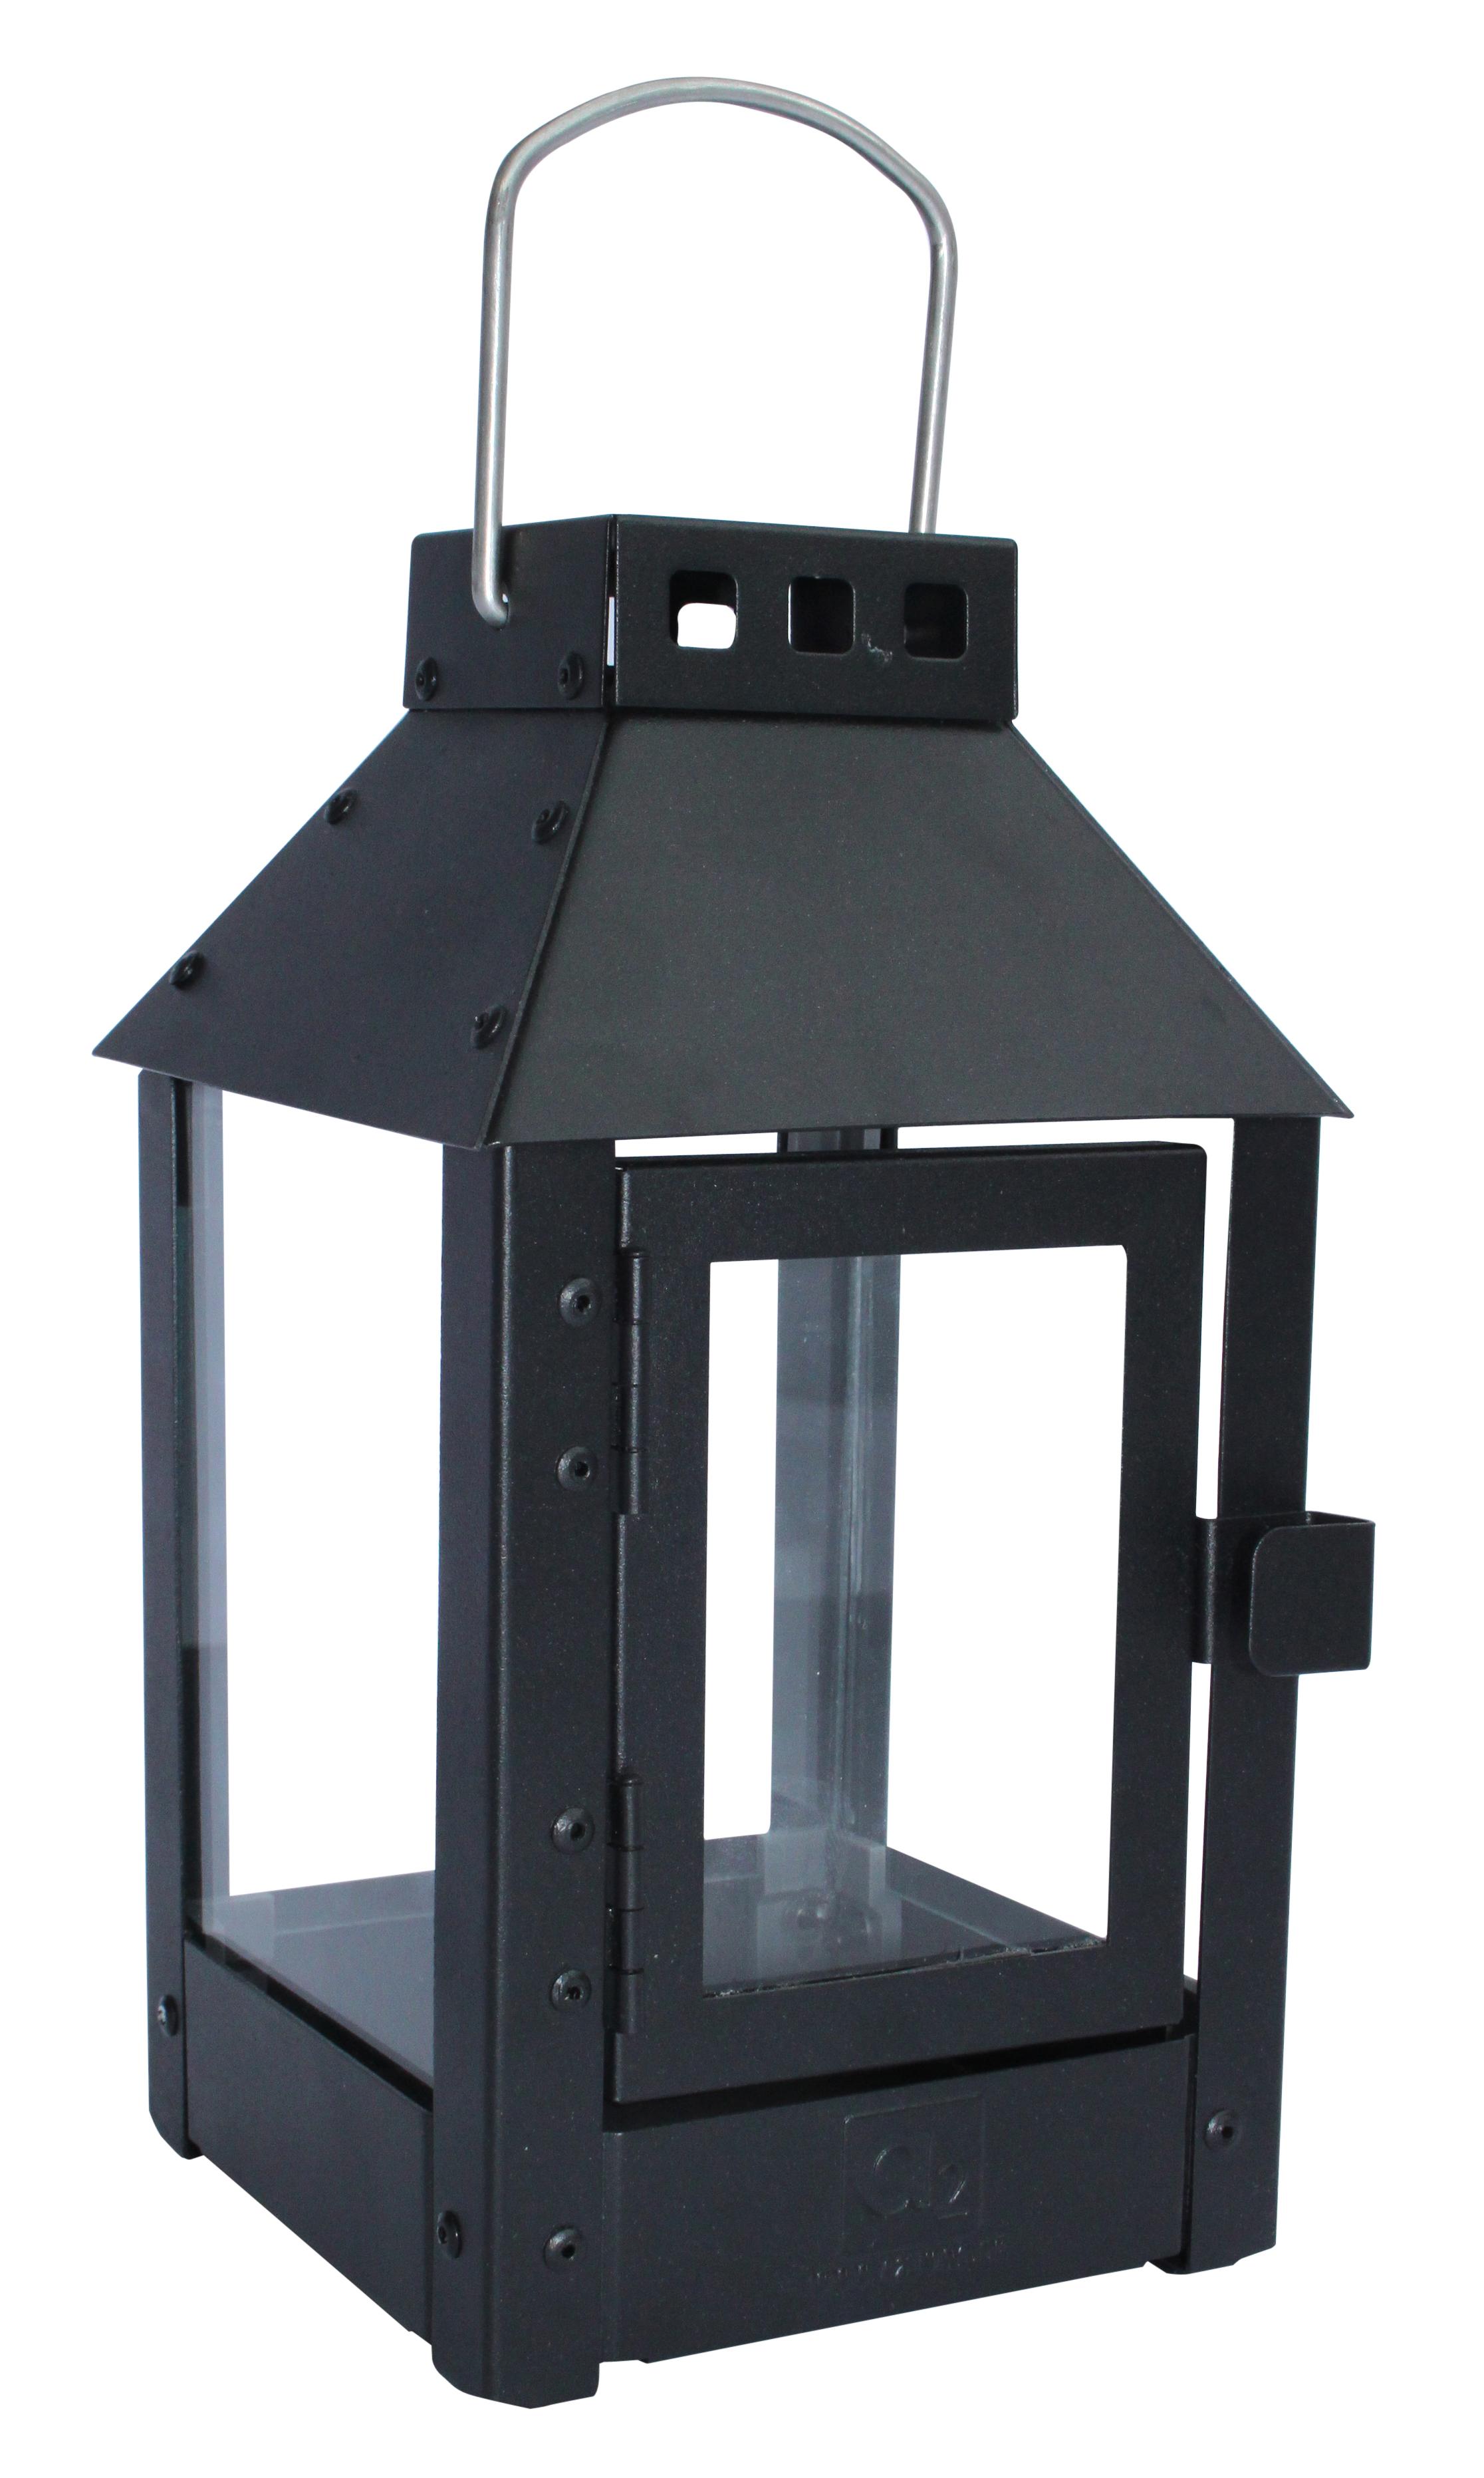 Bilde av A2 Living - Micro Lantern - Black (40200)